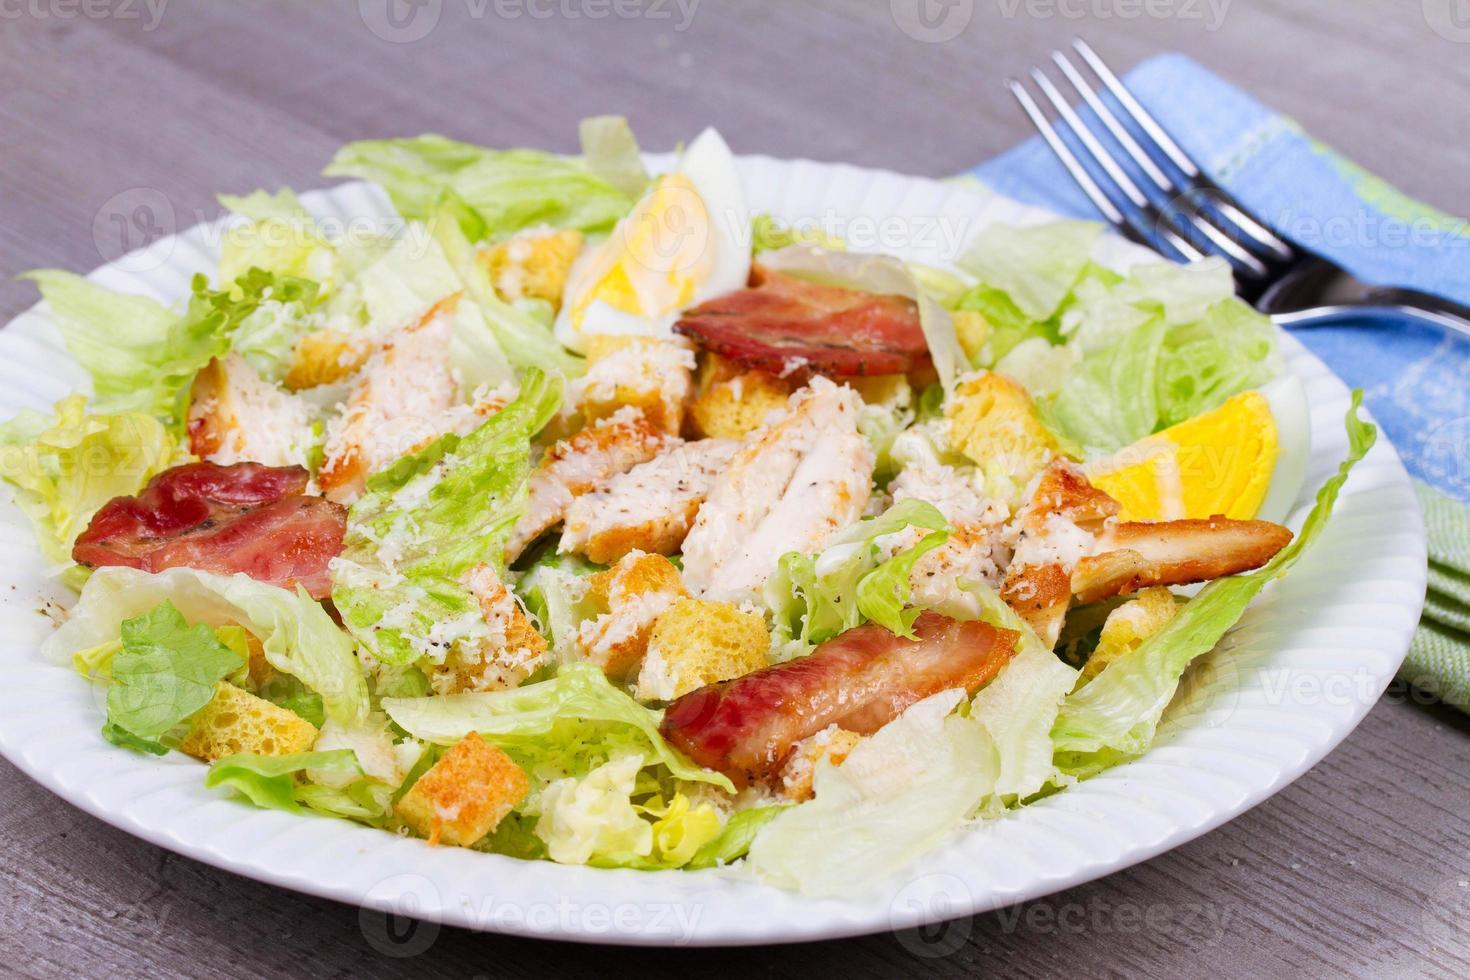 insalata caesar con pollo e grissini foto